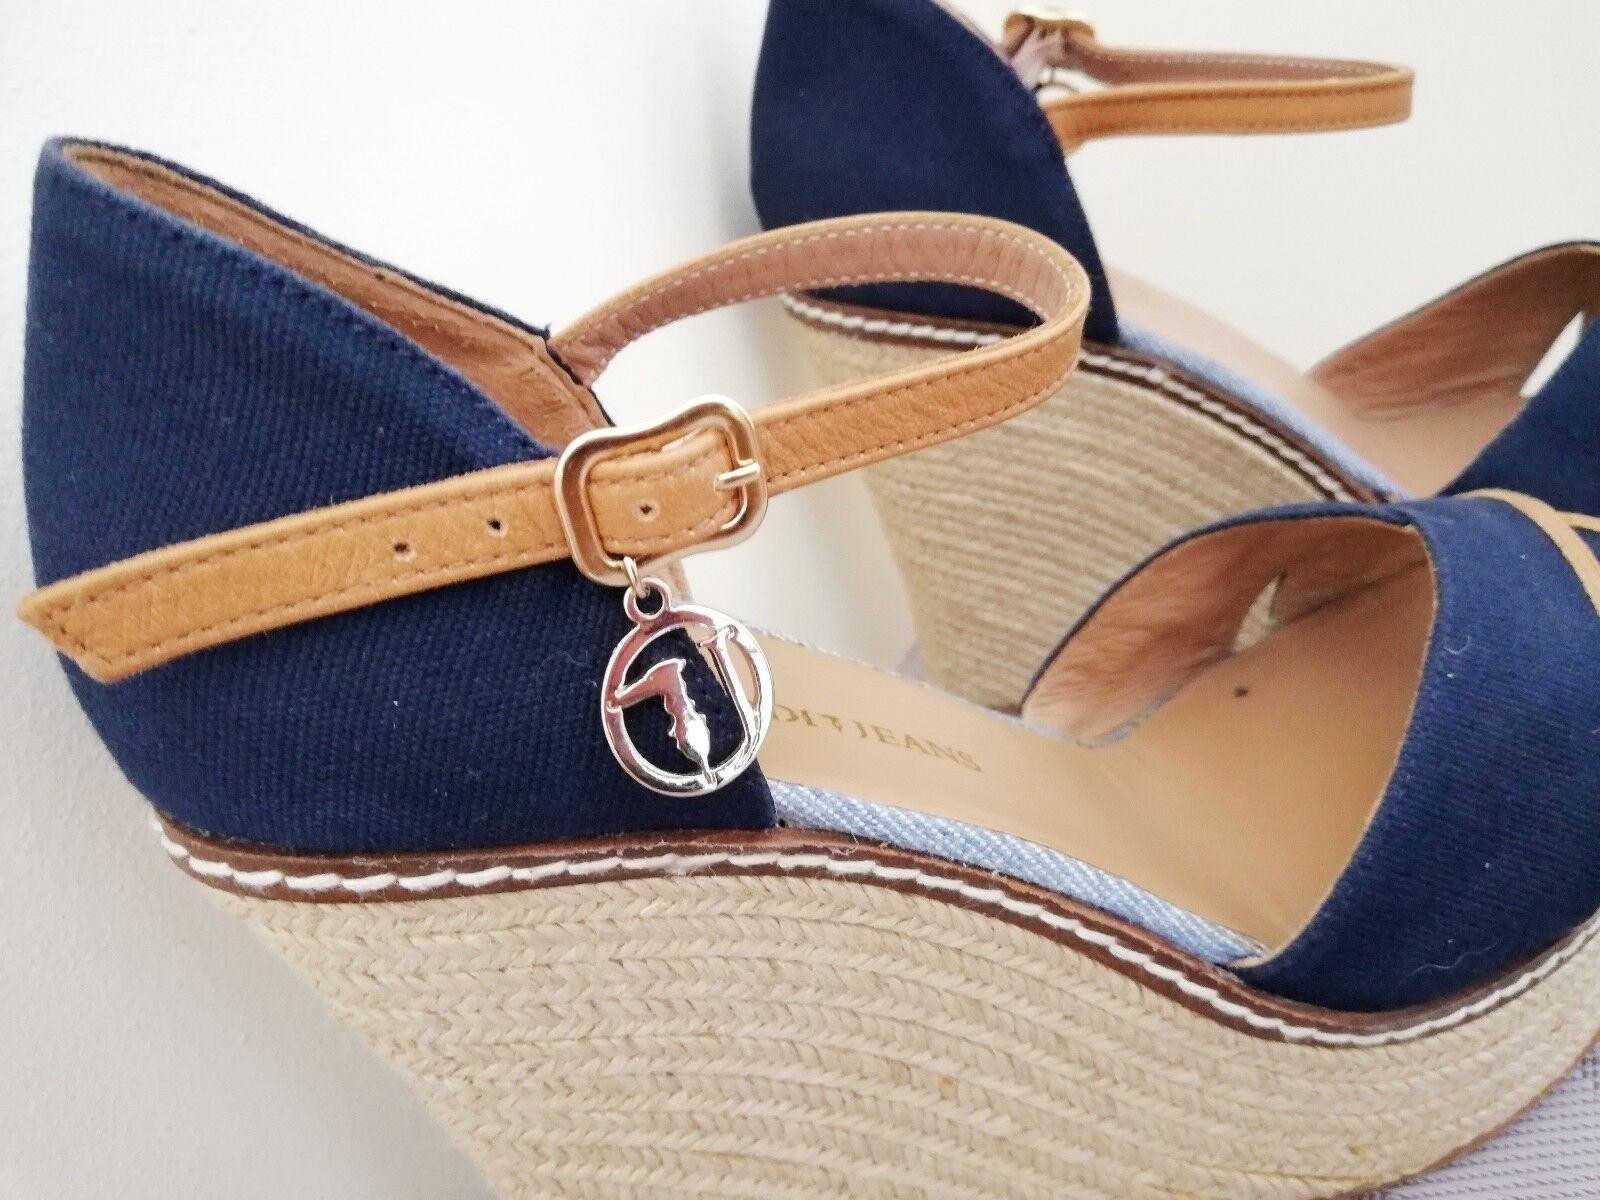 Trussardi Größe Jeans NEW Wedges Blau Heels Straw Platform Schuhes Größe Trussardi Eu 41 US9.5 UK7 d257f0